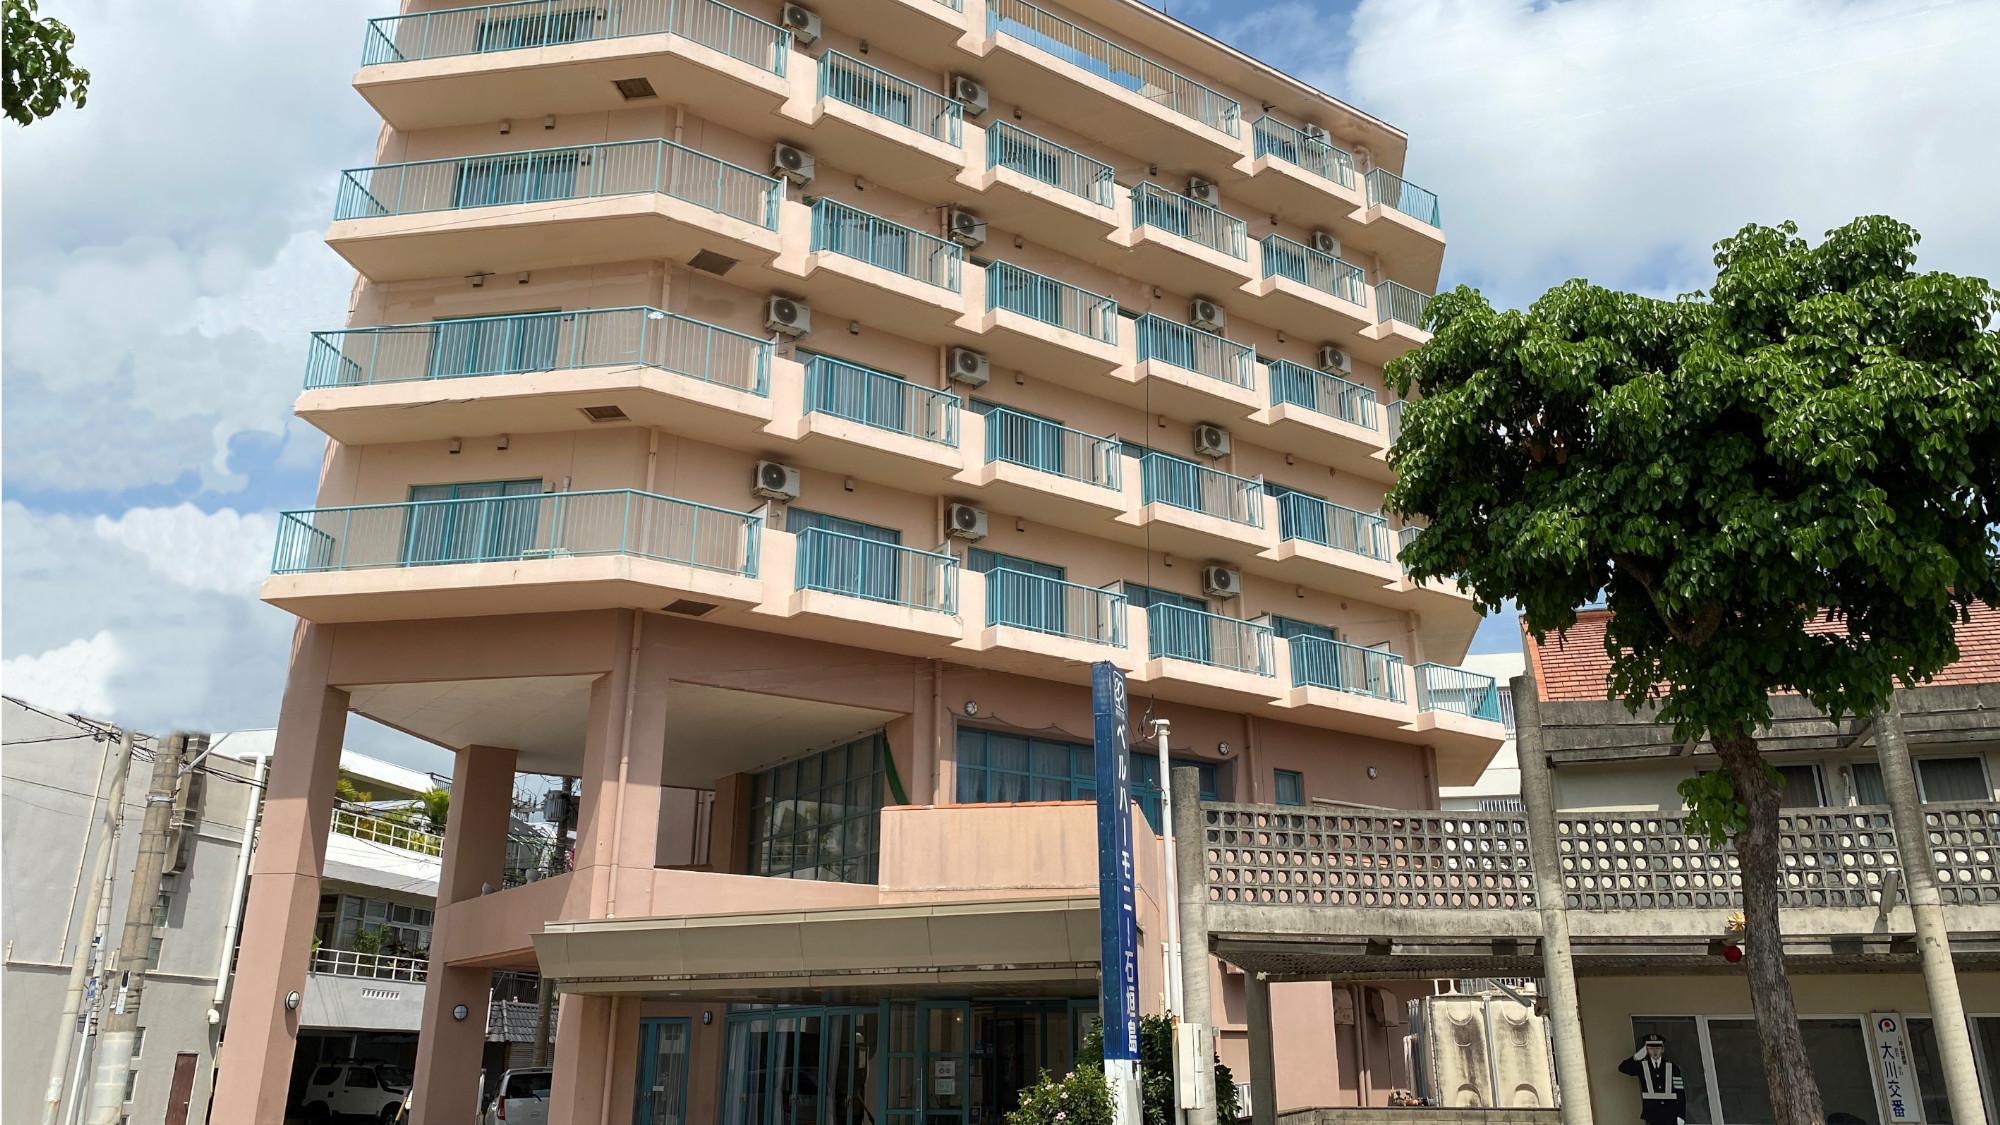 ホテル ベルハーモニー 石垣島◆楽天トラベル